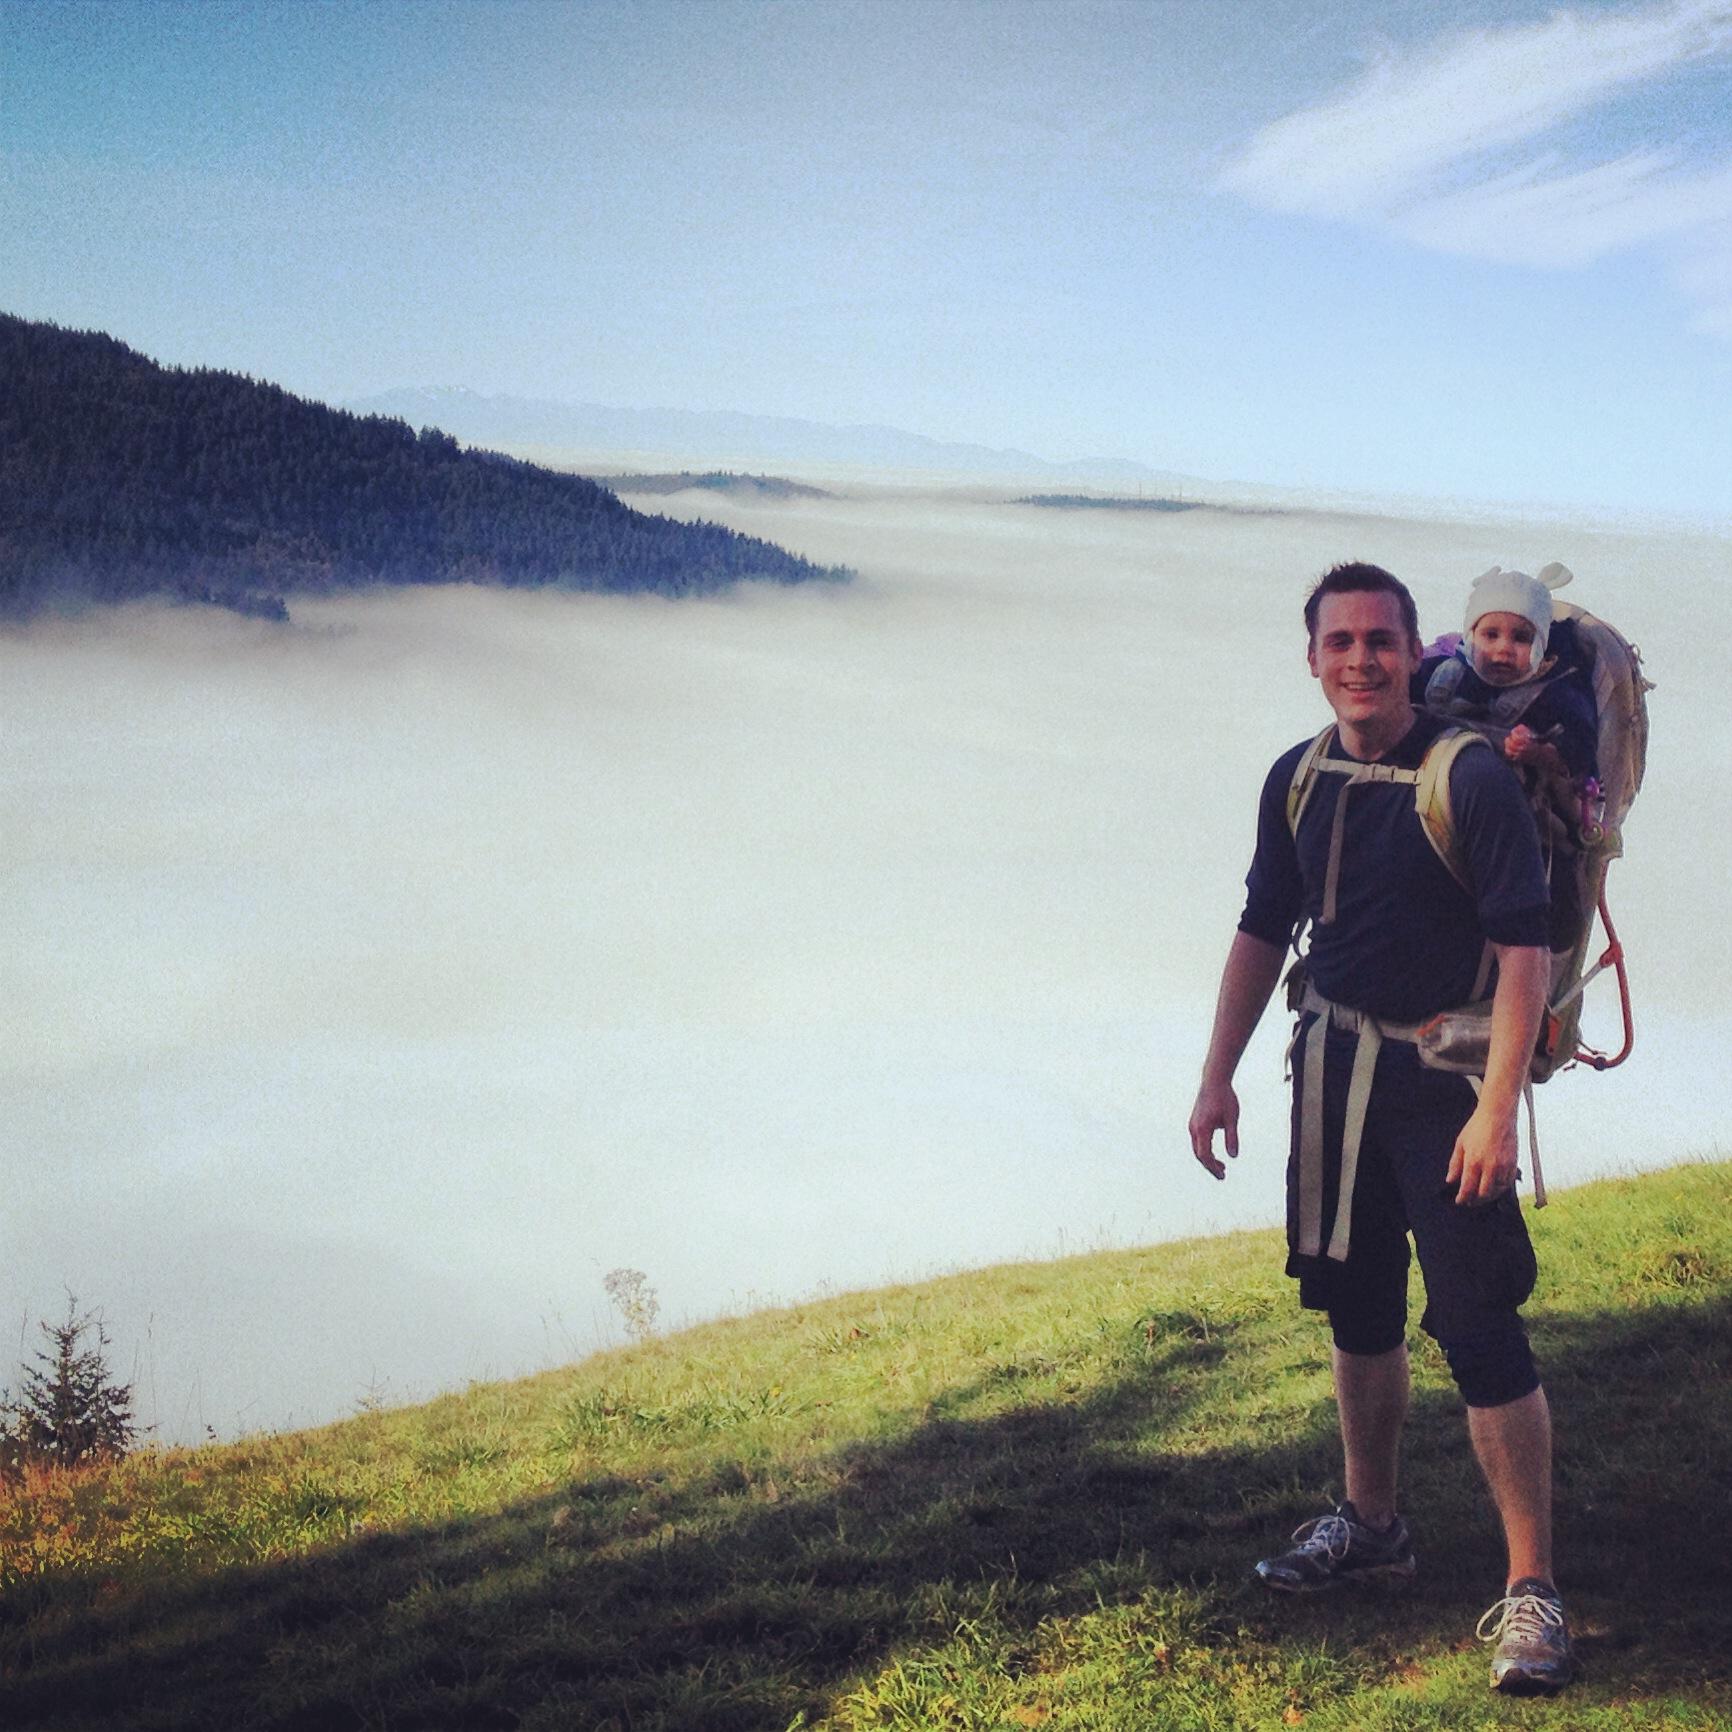 Nate geocaching-hiking-mountains